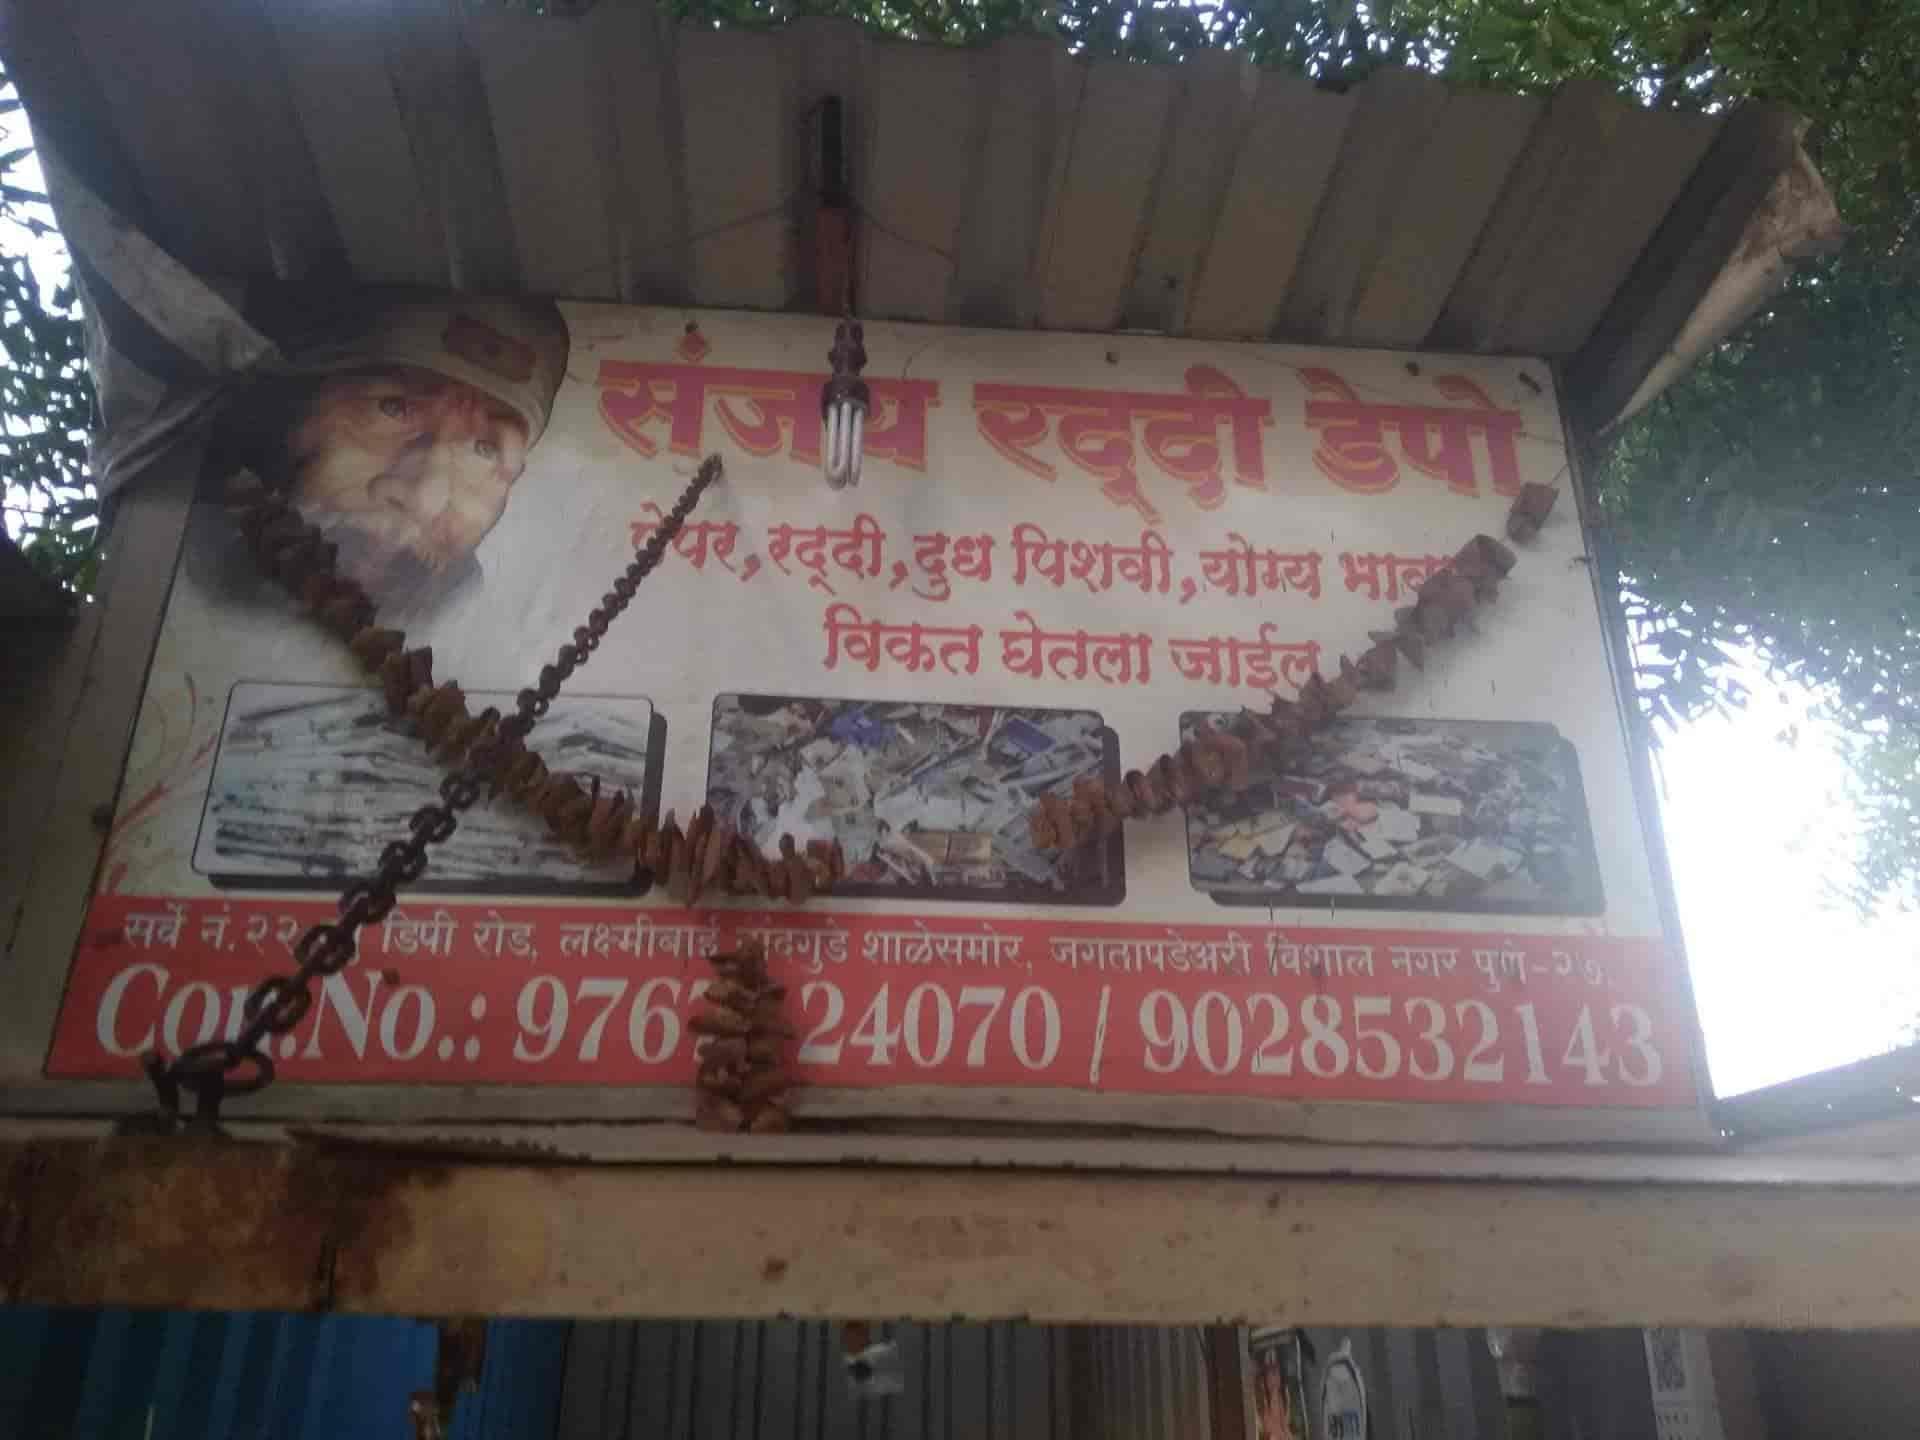 Sanjay Raddi Depo, Vishal Nagar pimple Nilakh - Scrap